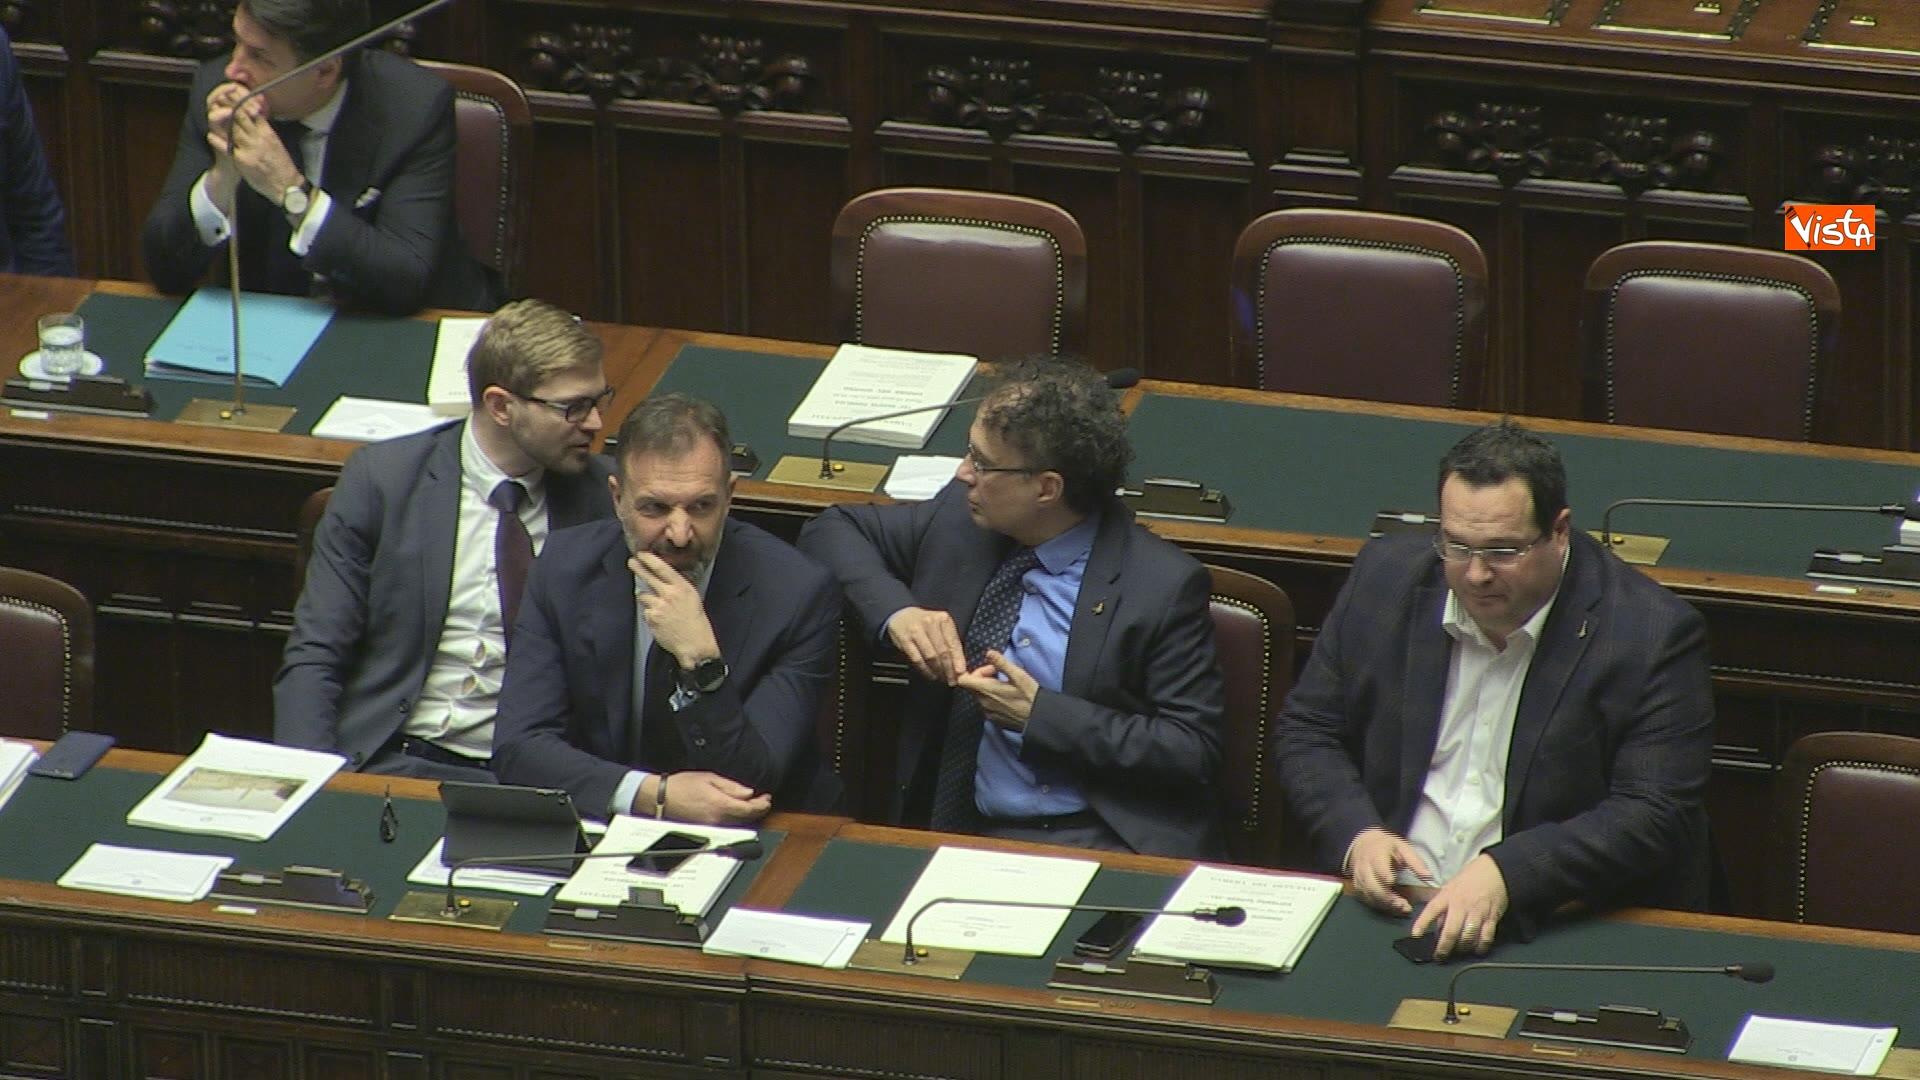 19-03-19 Conte riferisce in Aula Camera su Consiglio Ue e Via della seta immagini_06